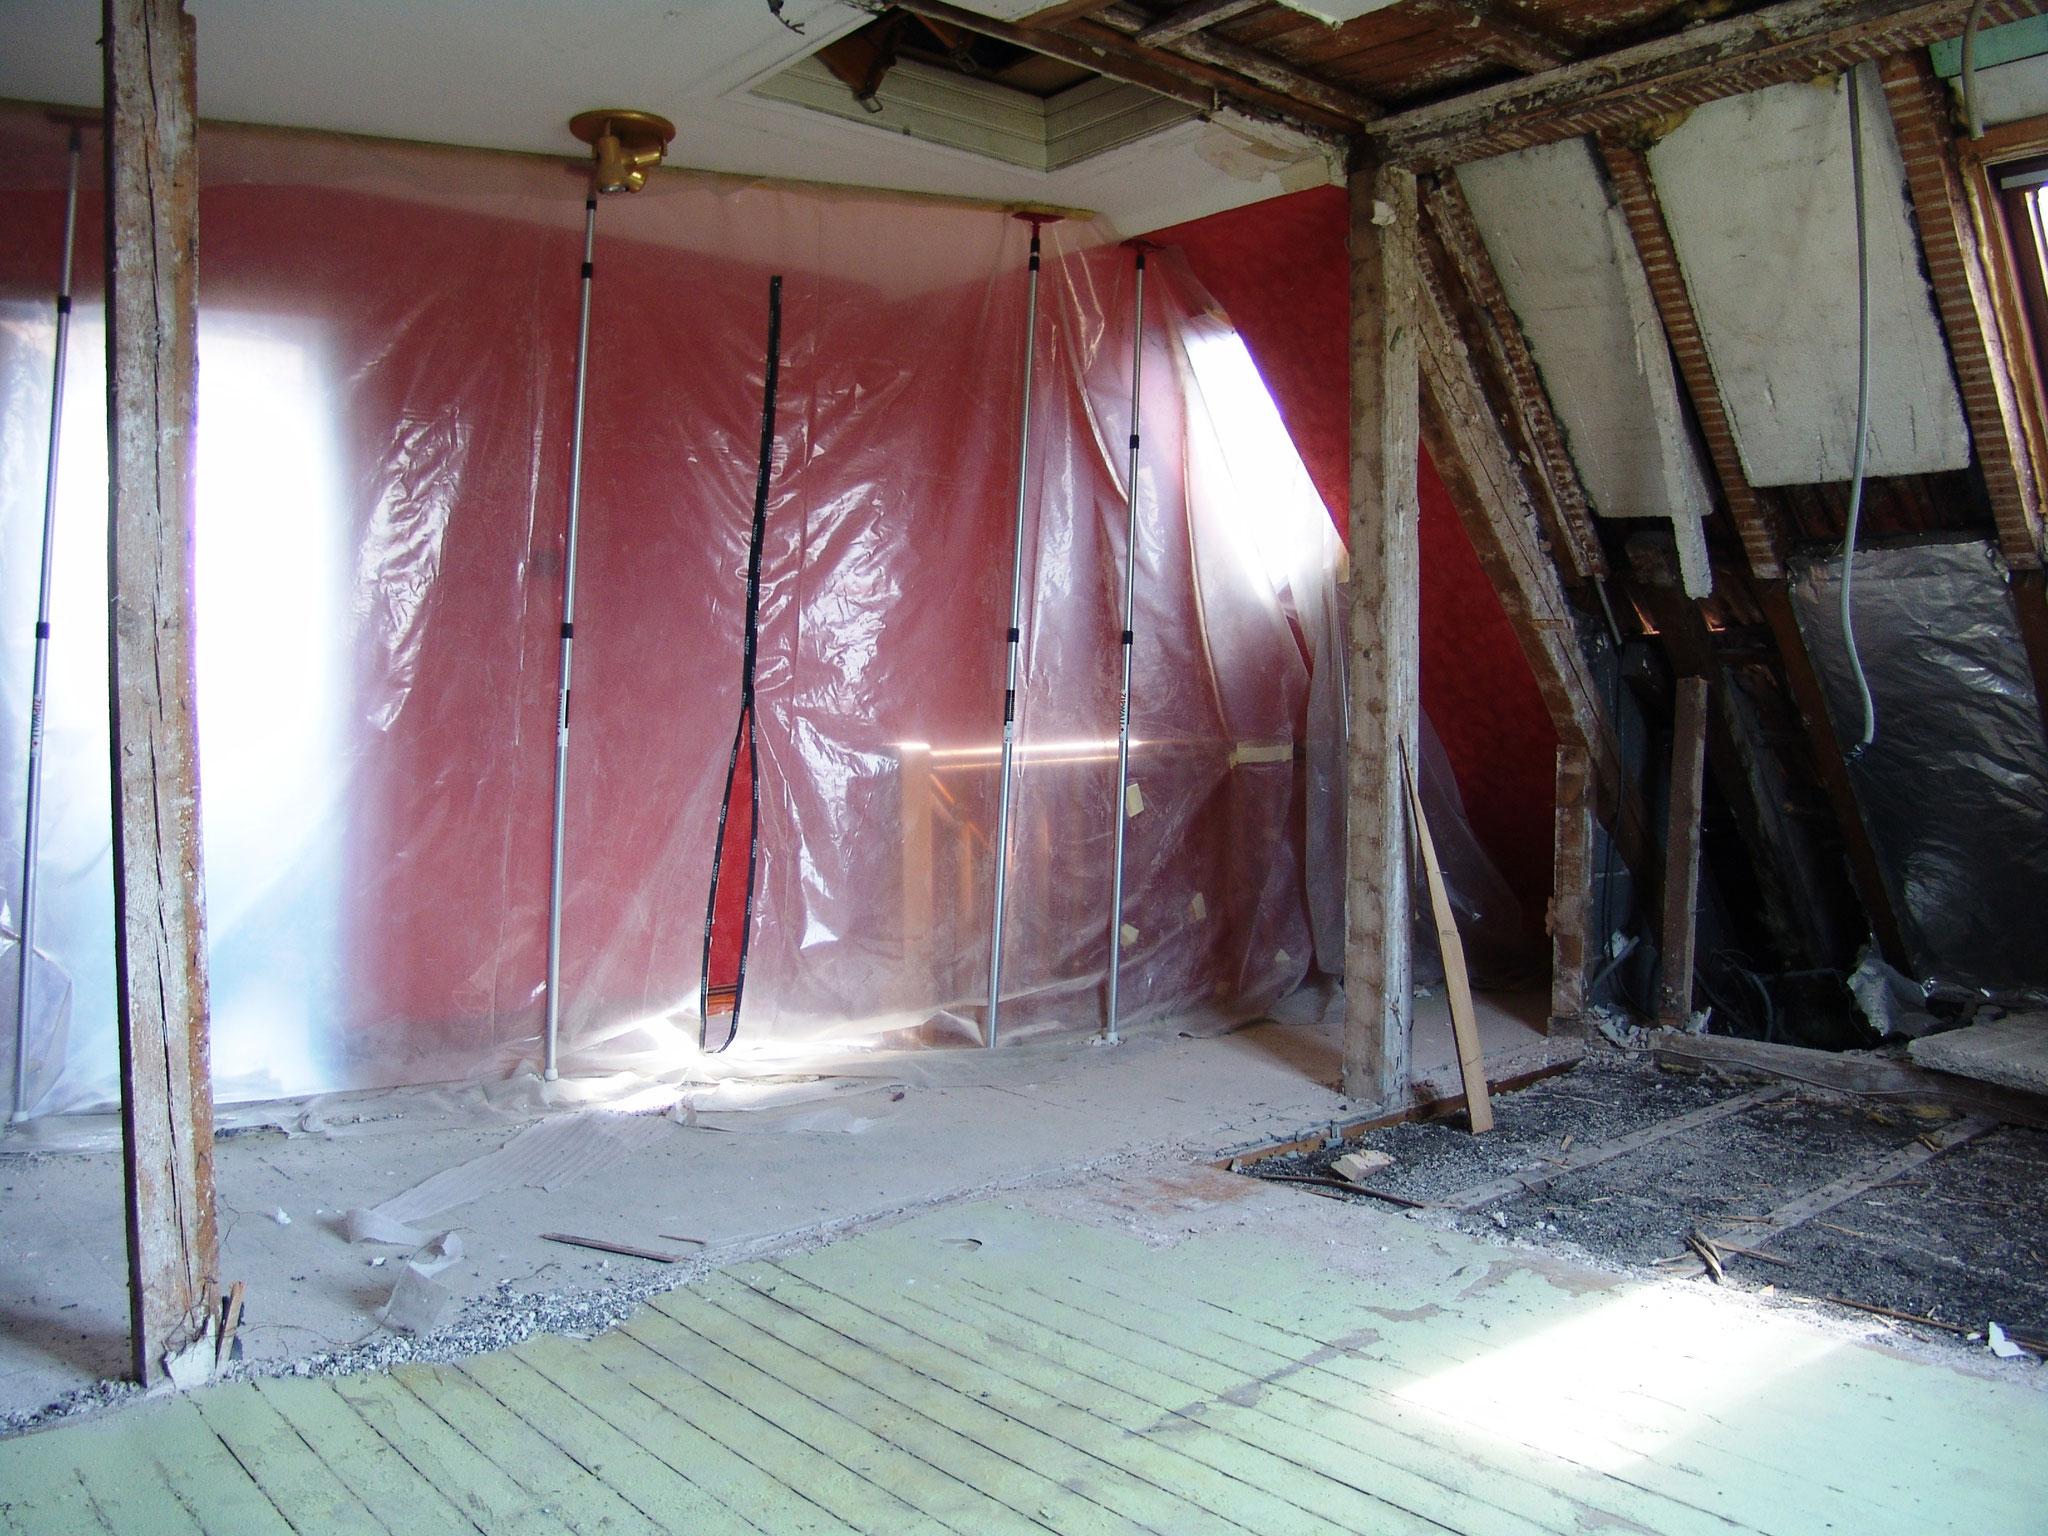 Protéger la chambre avec bâche anti-poussière et visser panneaux en bois sur solive Illkirch-Graffenstaden 67